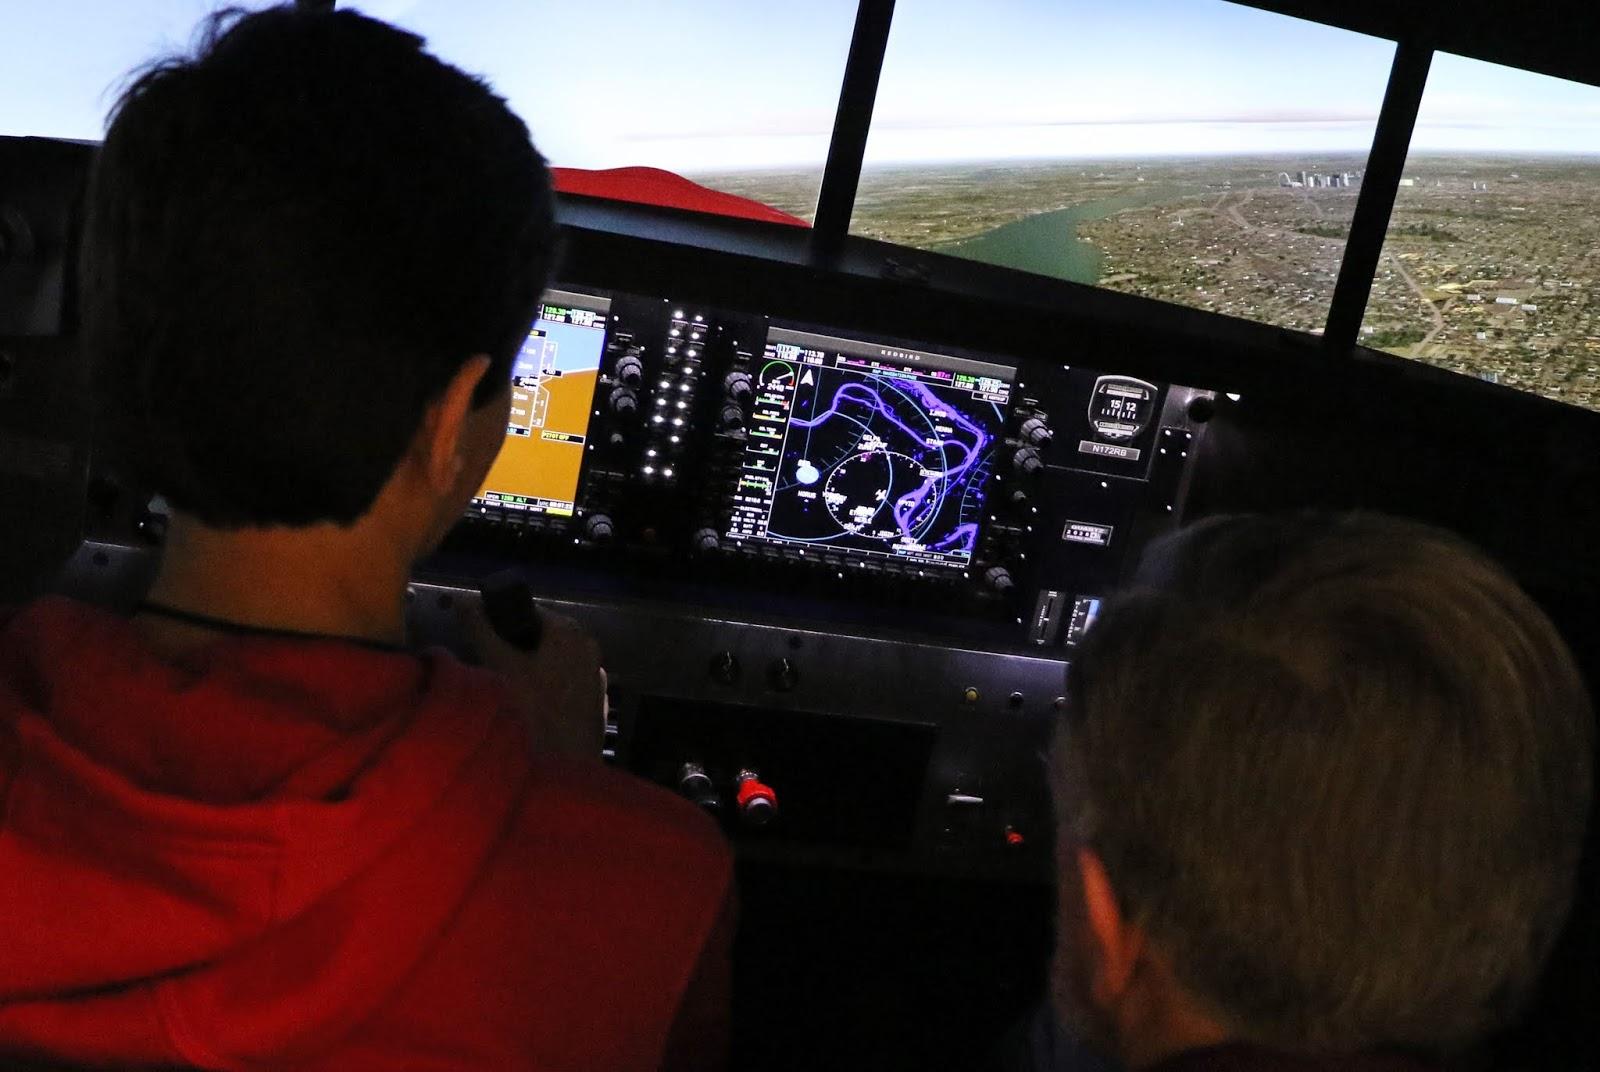 SOAR INTO STEM SESSION THREE: FLIGHT PLANNING, REDBIRD